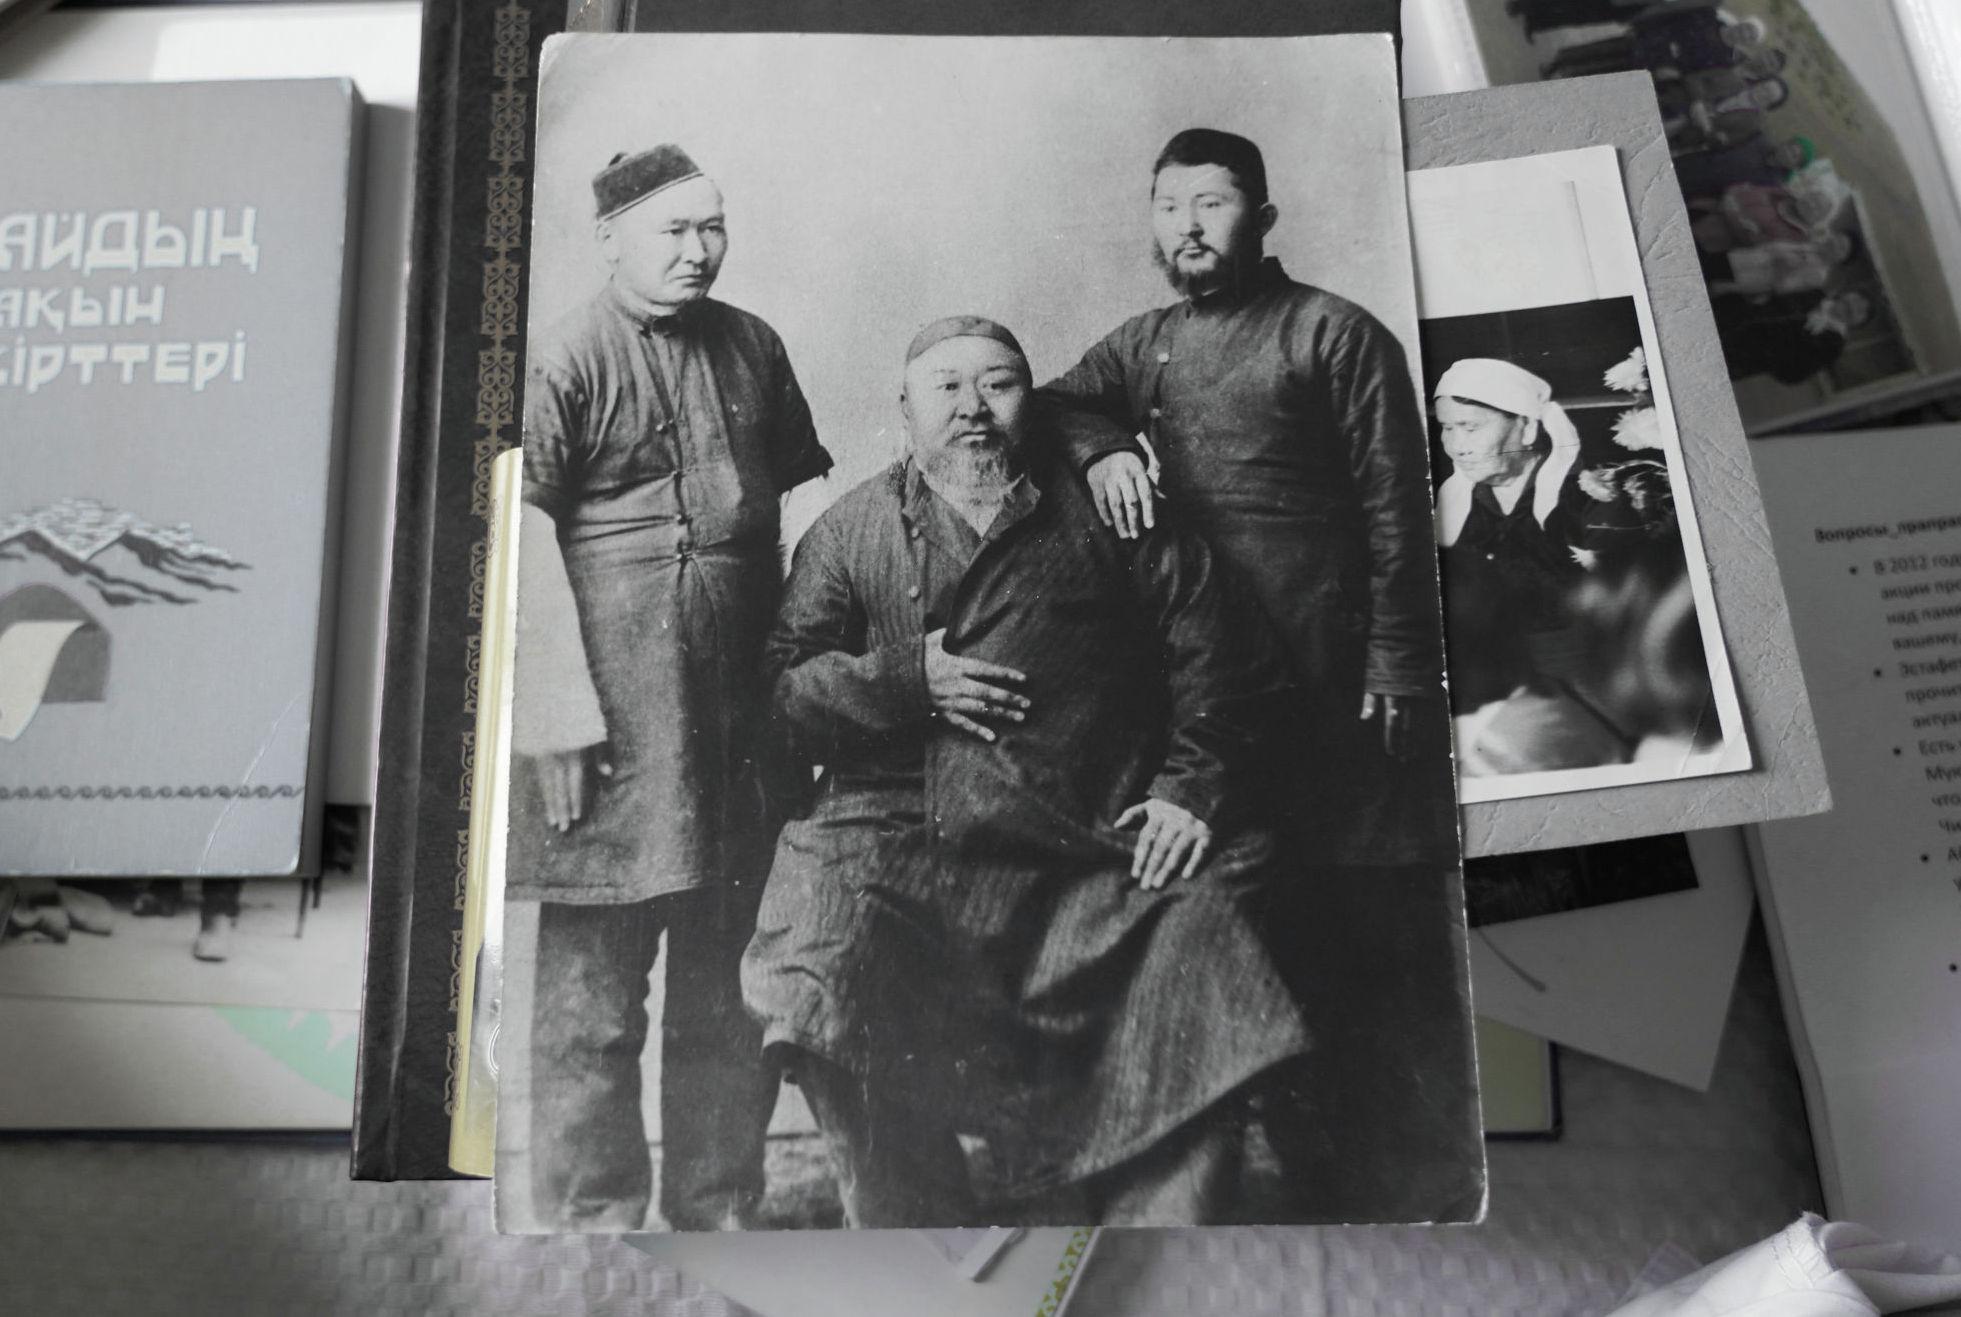 Абай (в центре) с сыновьями Акылбаем (слева) и Турагулом (справа)